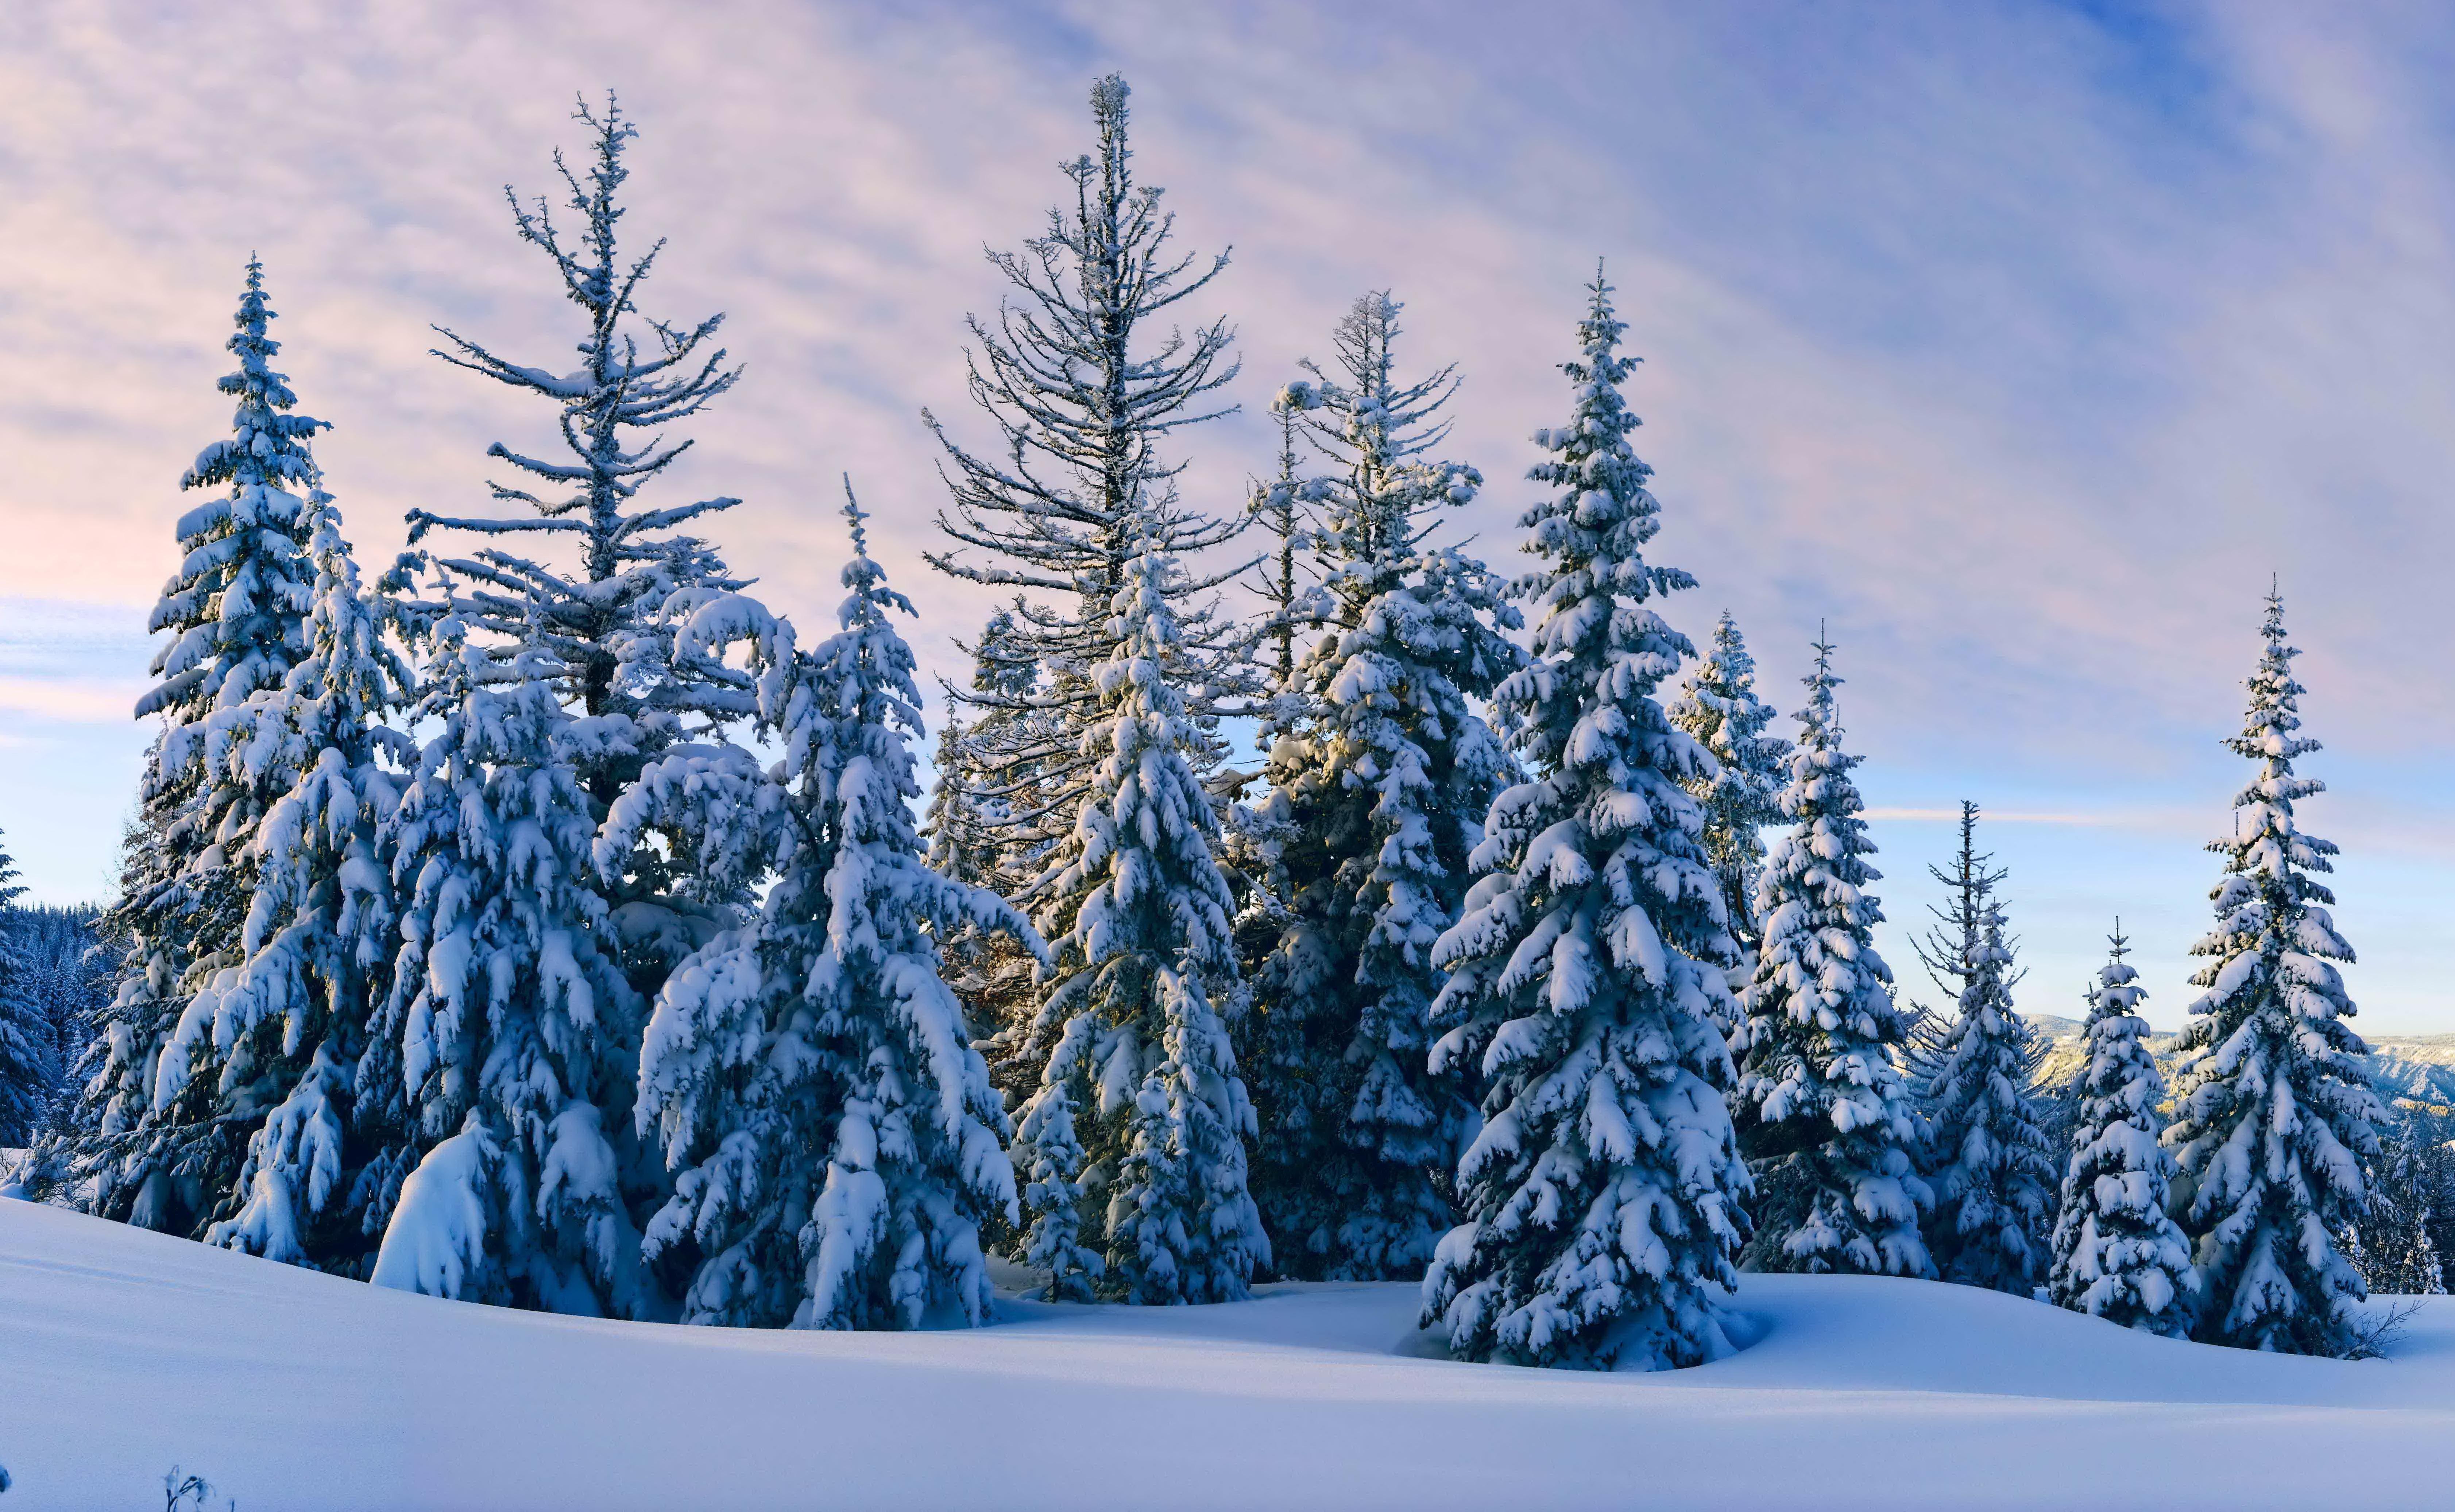 снег ели зима  № 3180880 бесплатно